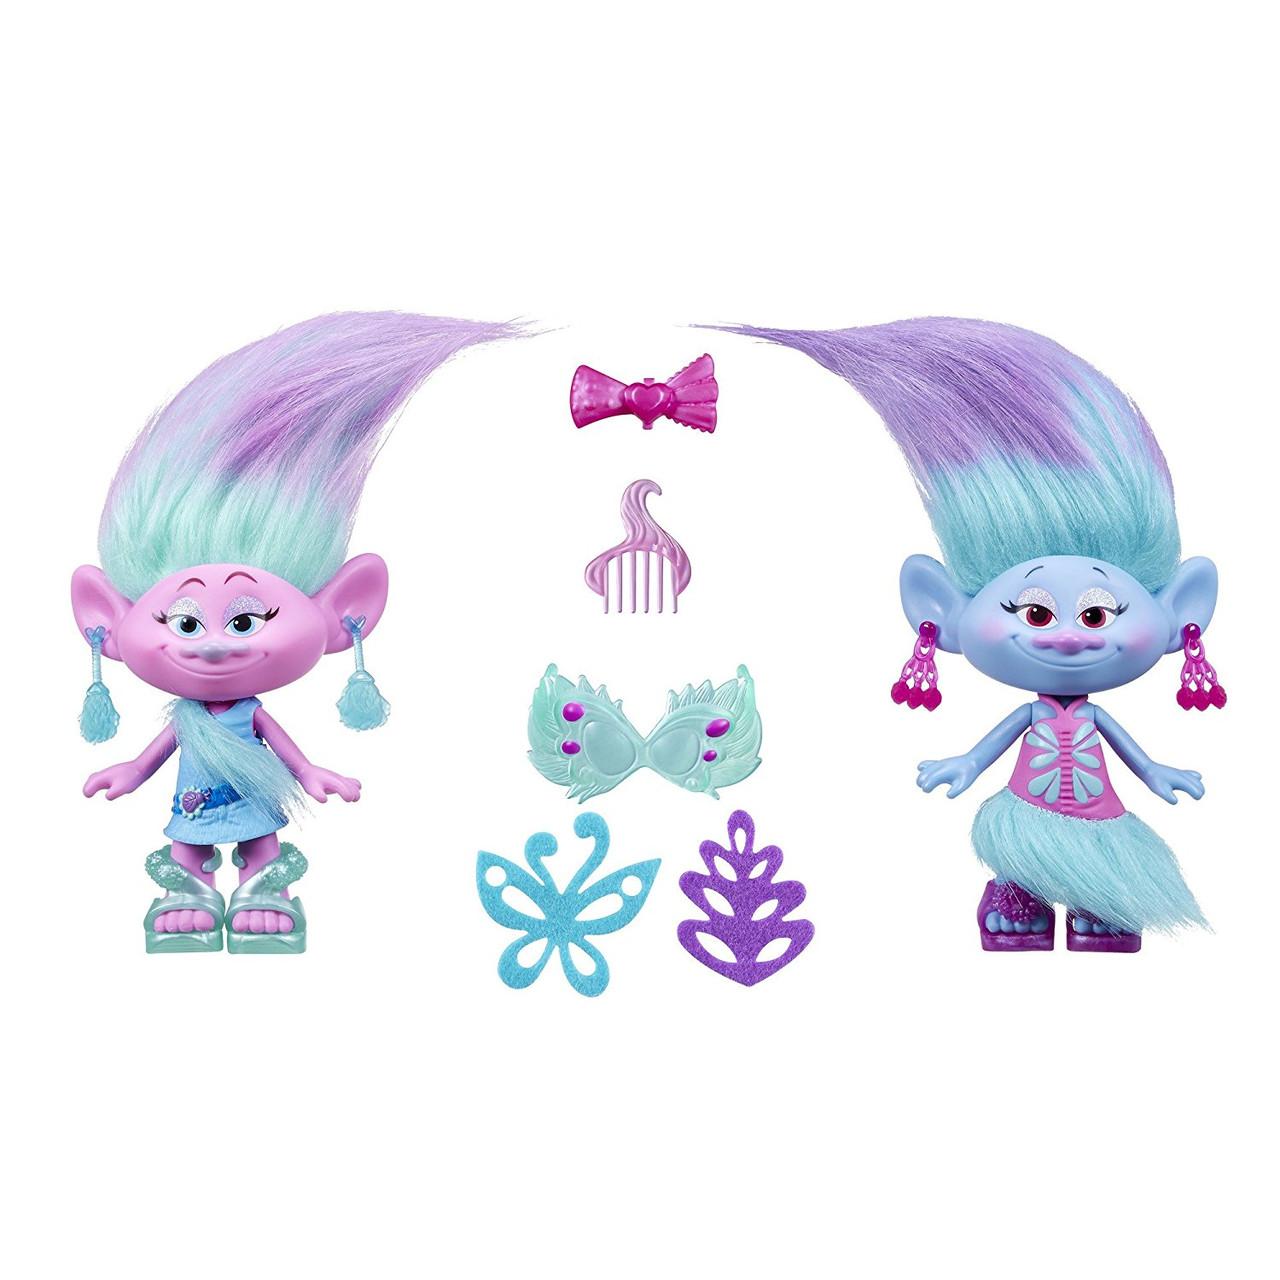 Игровой набор Тролли Модные близнецы Сатинка и Синелька 23см DreamWorks Trolls Satin and Chenille's